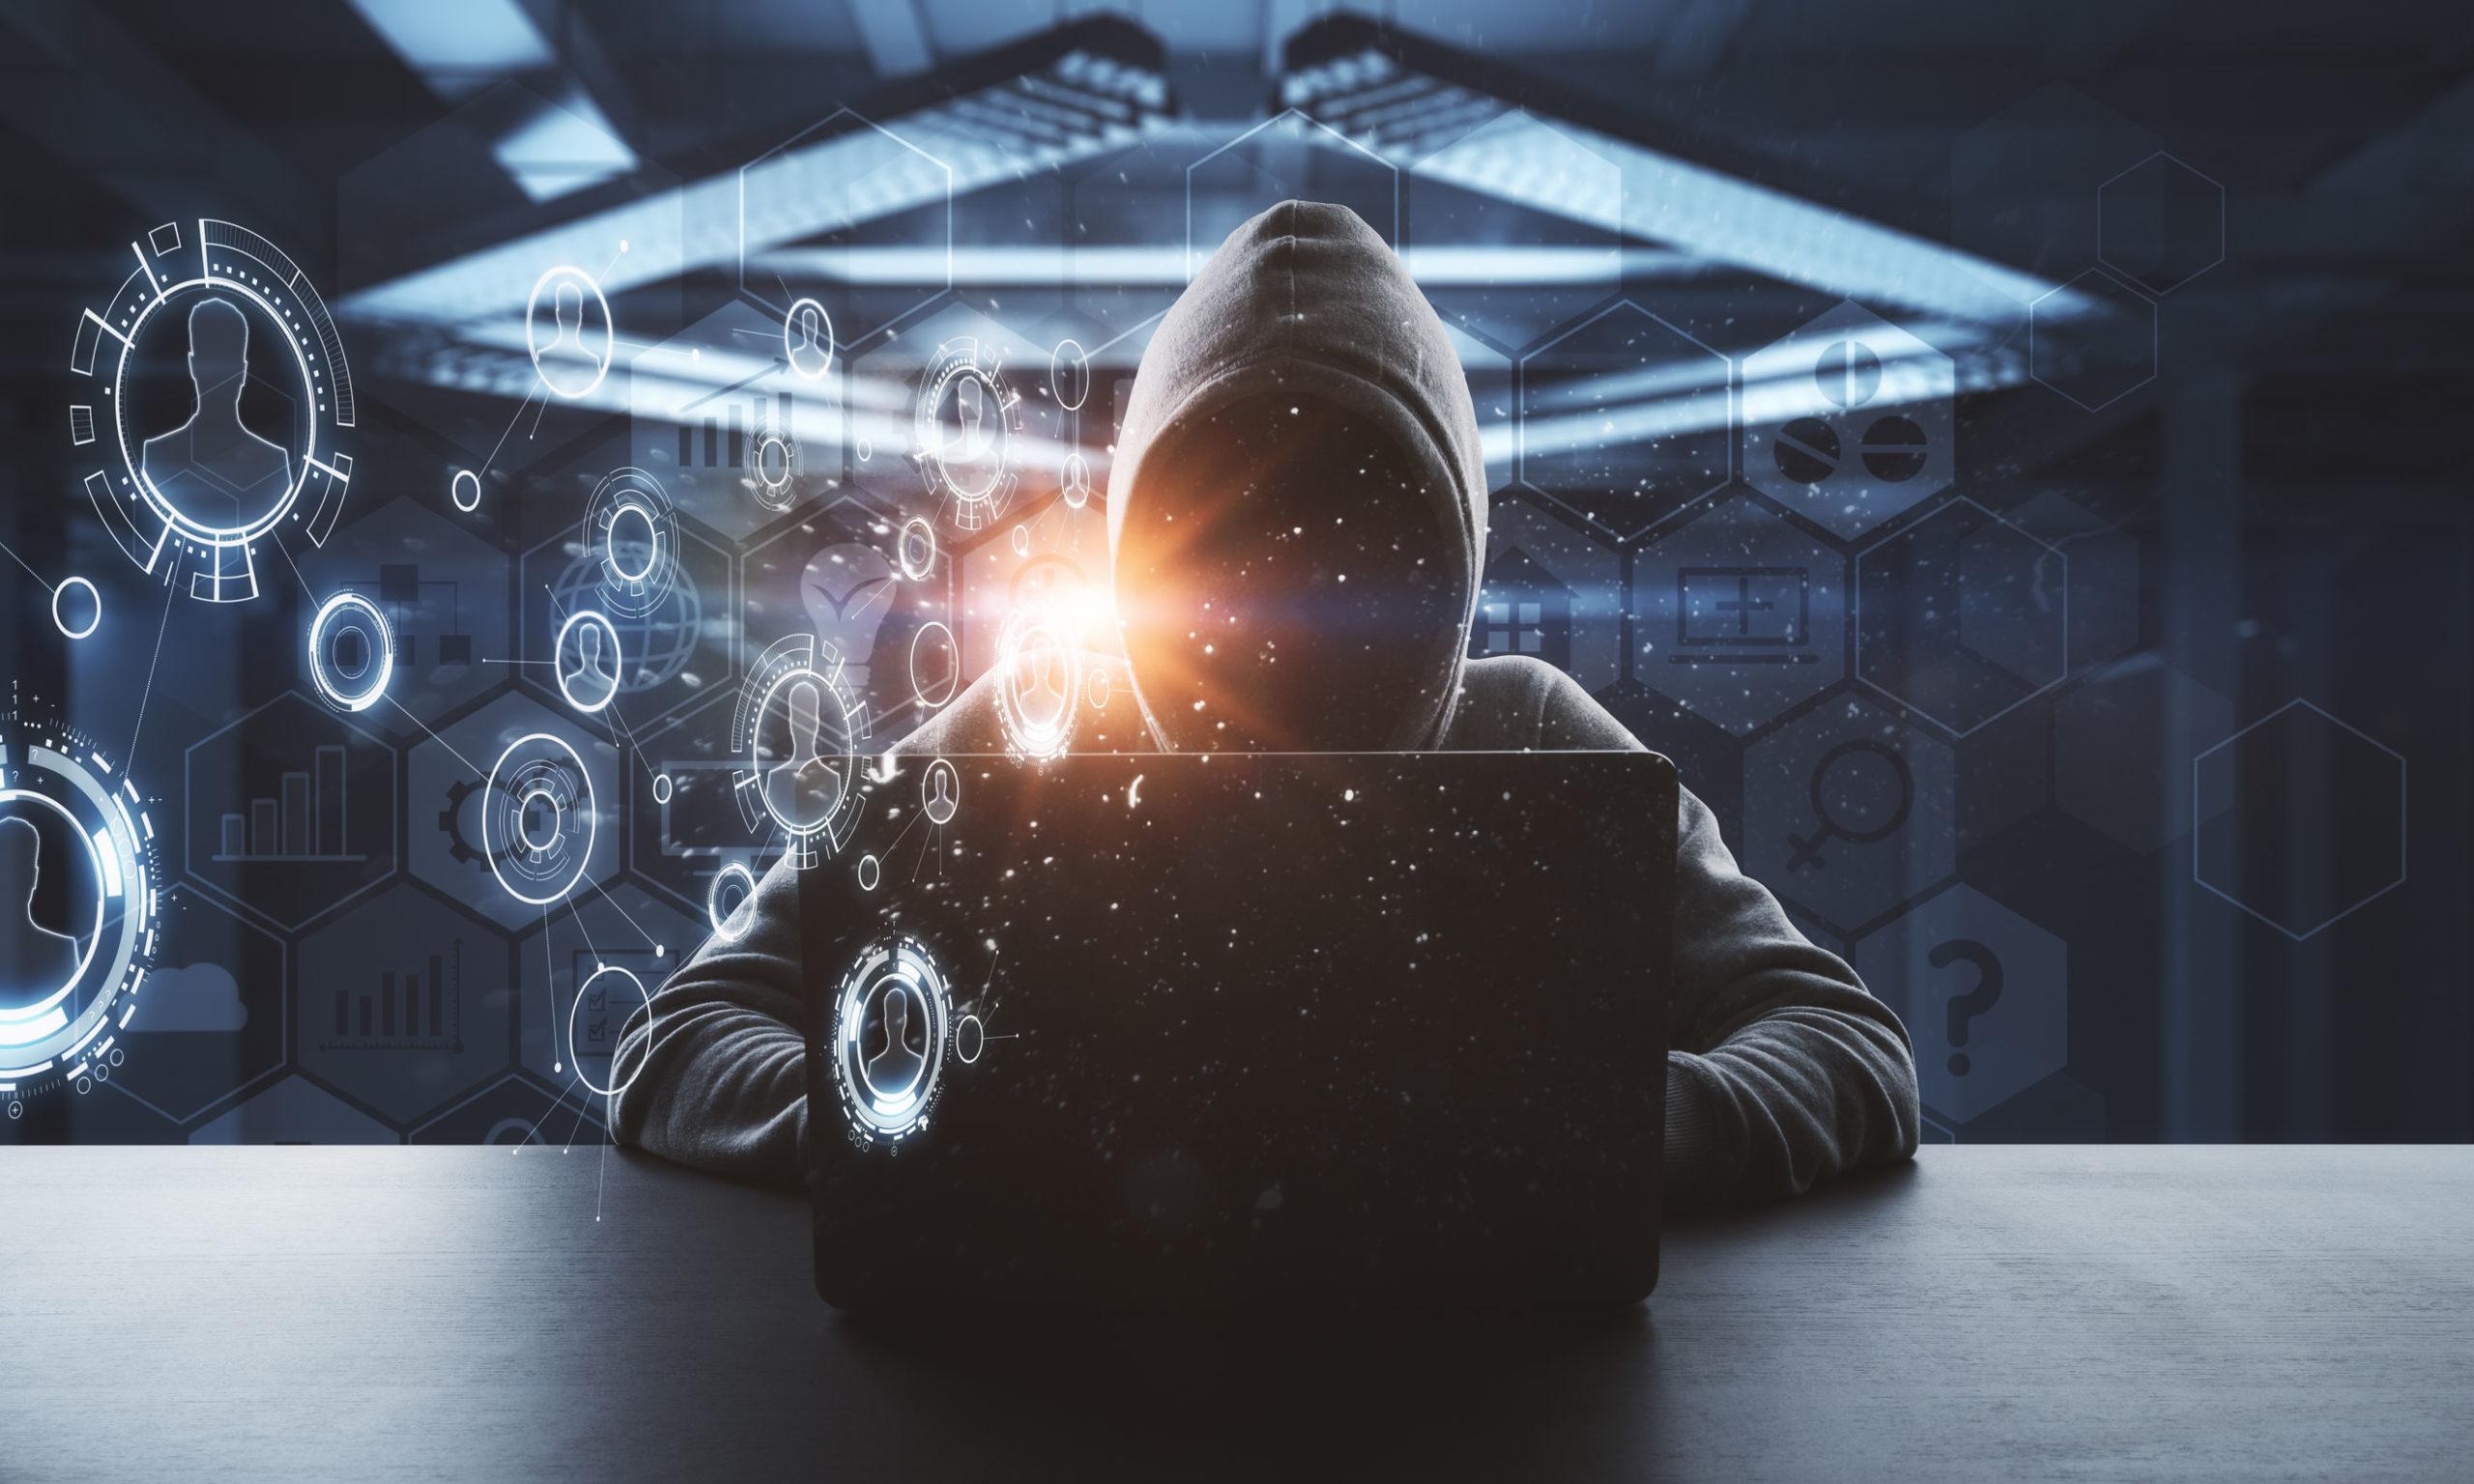 LGPD – Segundo hackers 93% das empresas podem ser invadidas em 30 minutos